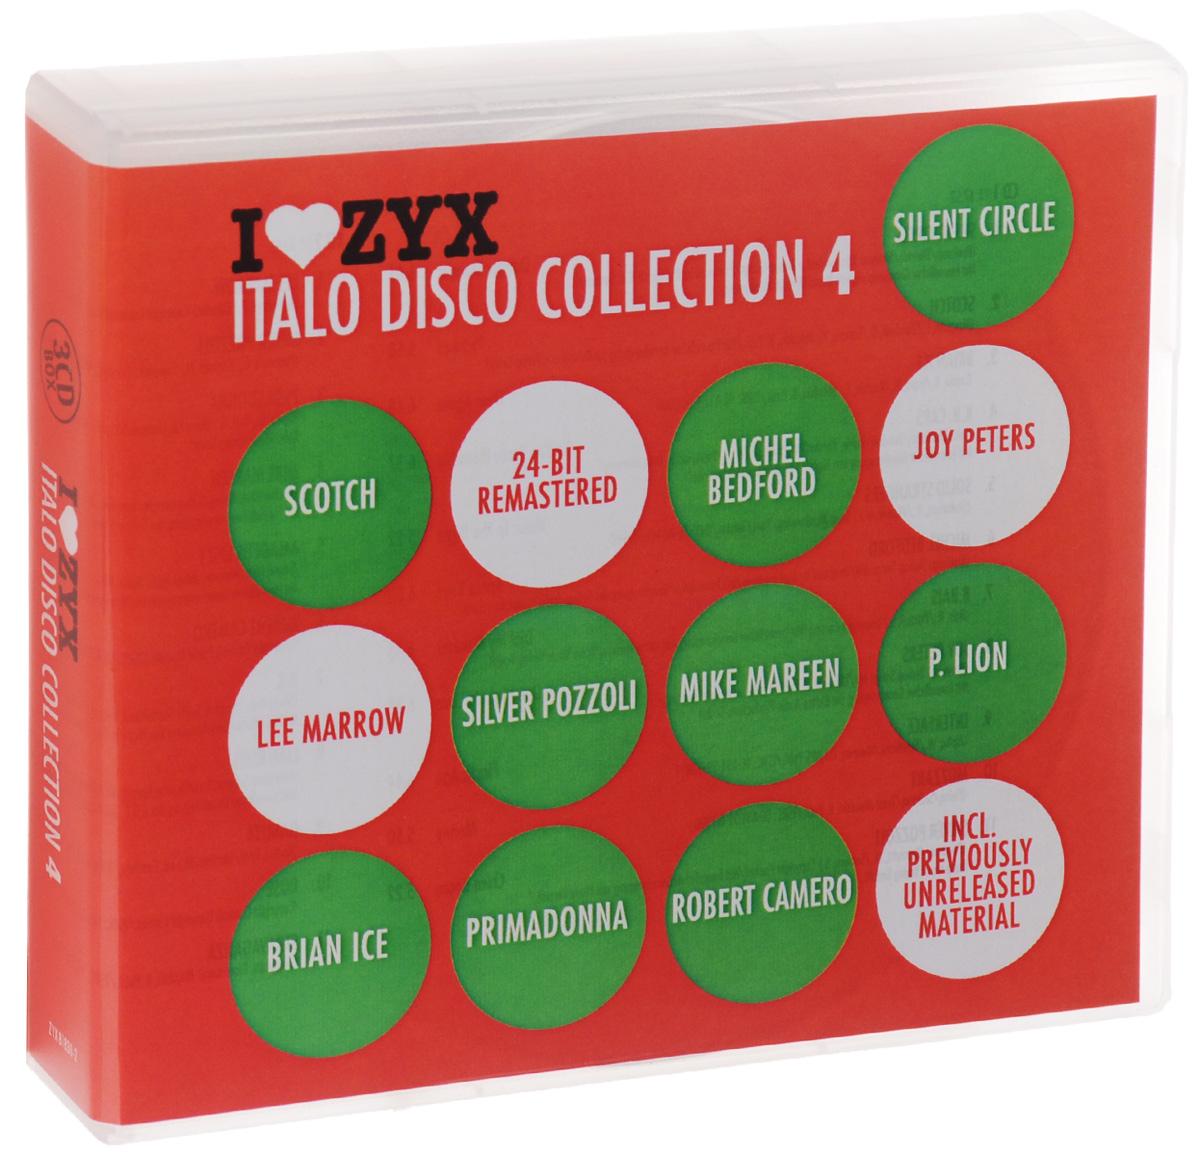 Italo Disco Collection 4 (3 CD)